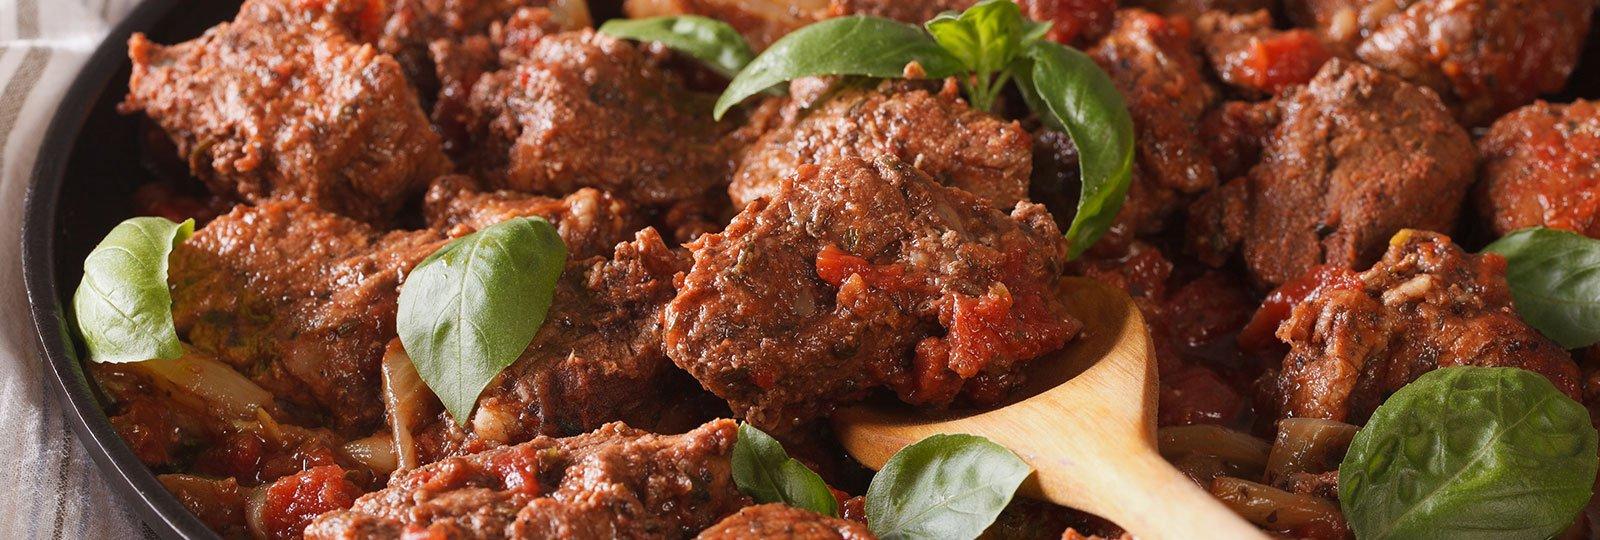 un piatto a base di carne,sugo e basilico